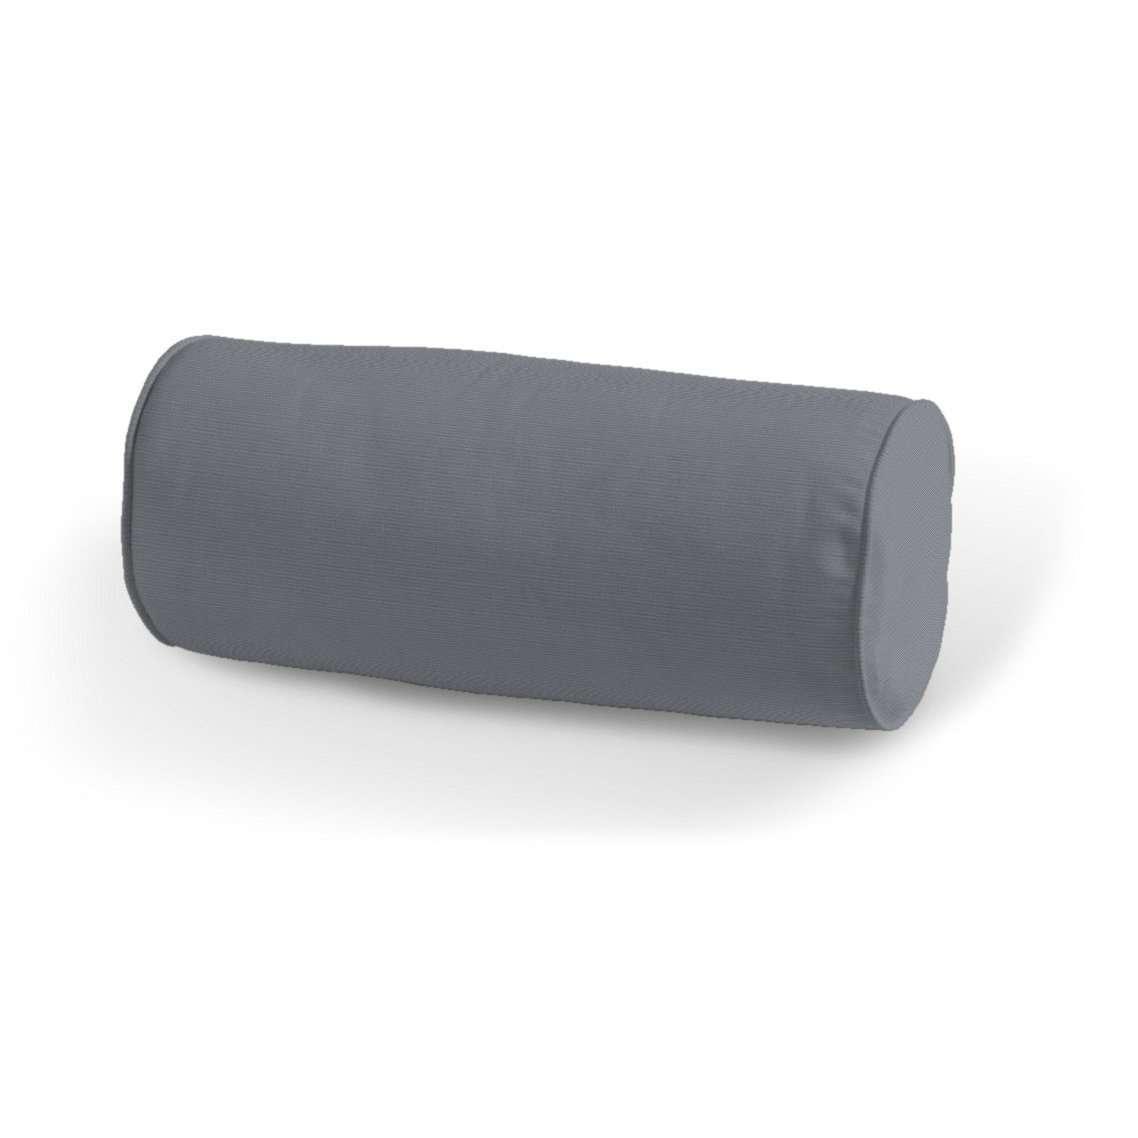 Ritinio formos  pagalvėlė Ø 16 x 40 cm (6 x 16 inch) kolekcijoje Cotton Panama, audinys: 702-07